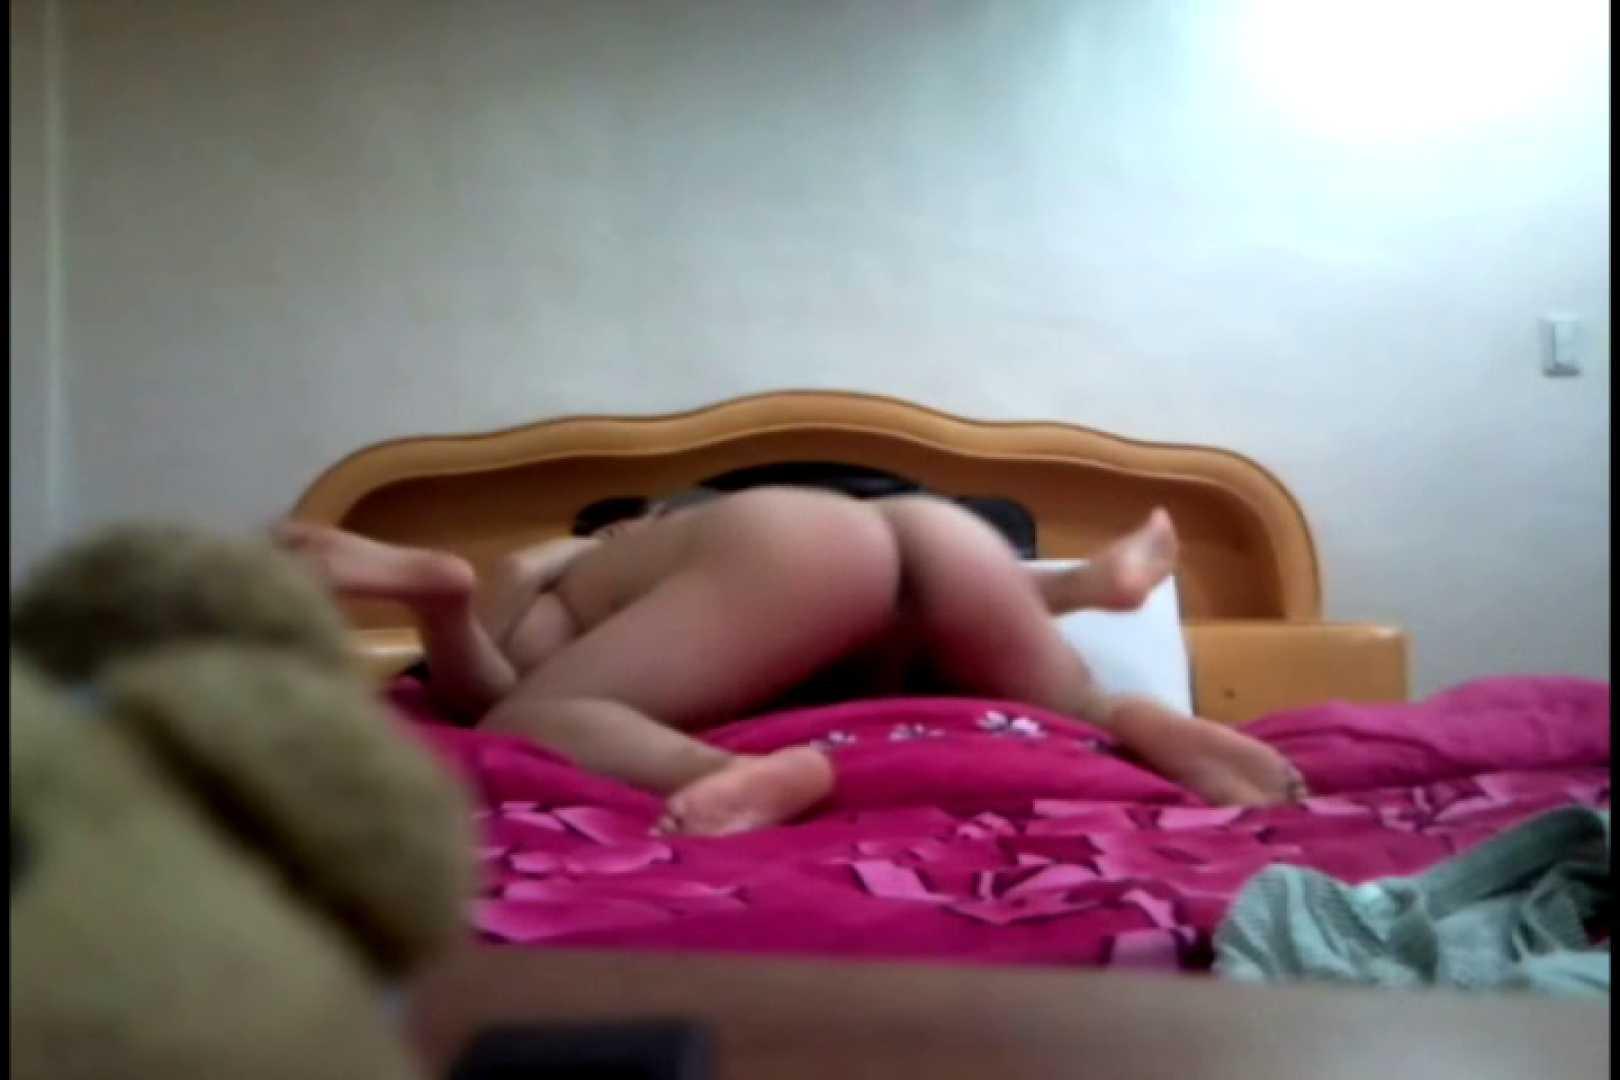 コリアン素人流出シリーズ ラブホテル隠し撮り ホテル オマンコ動画キャプチャ 61枚 19